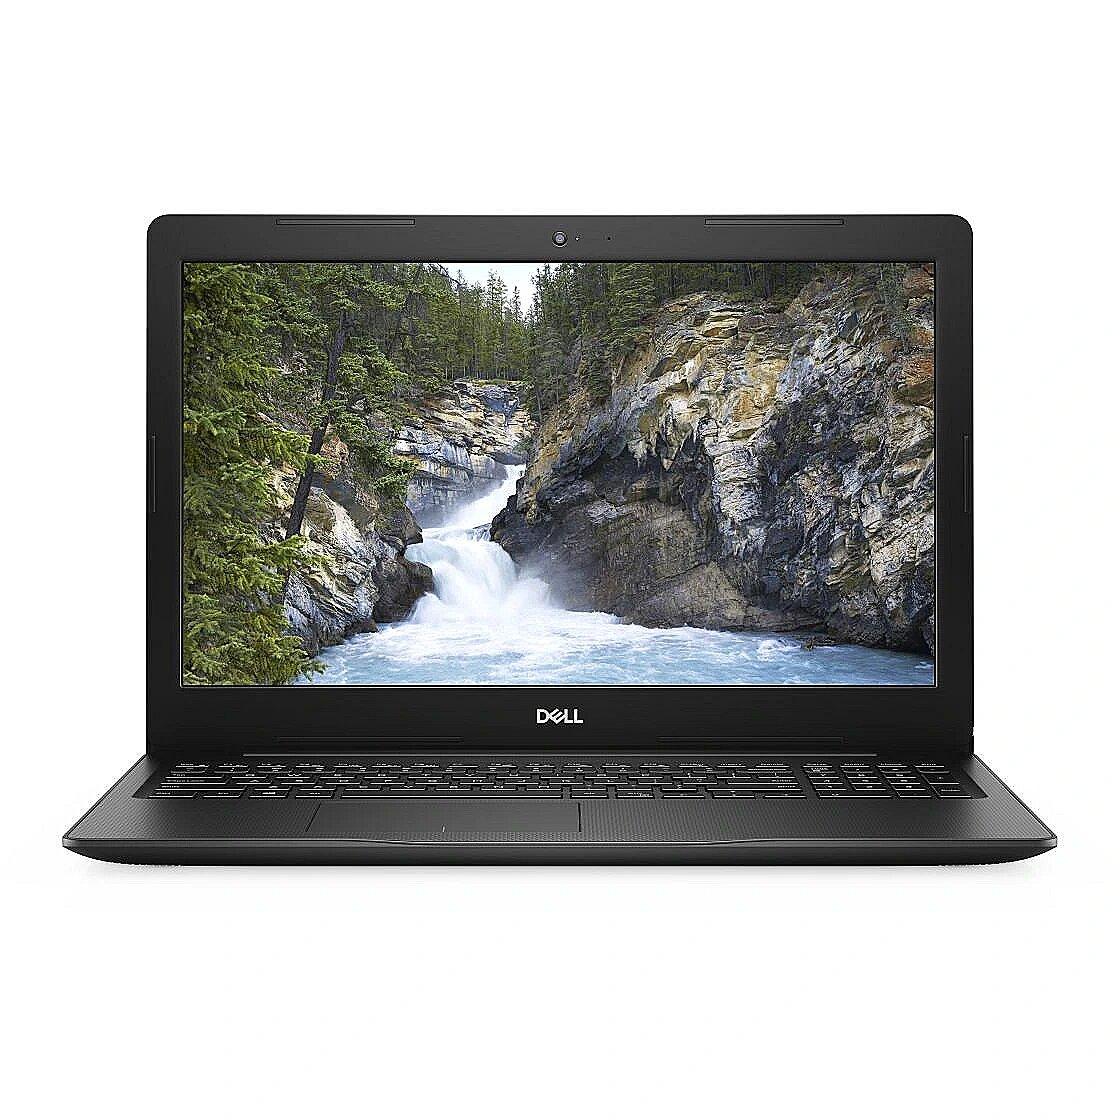 Dell Latitude 15 (5500), 15.6